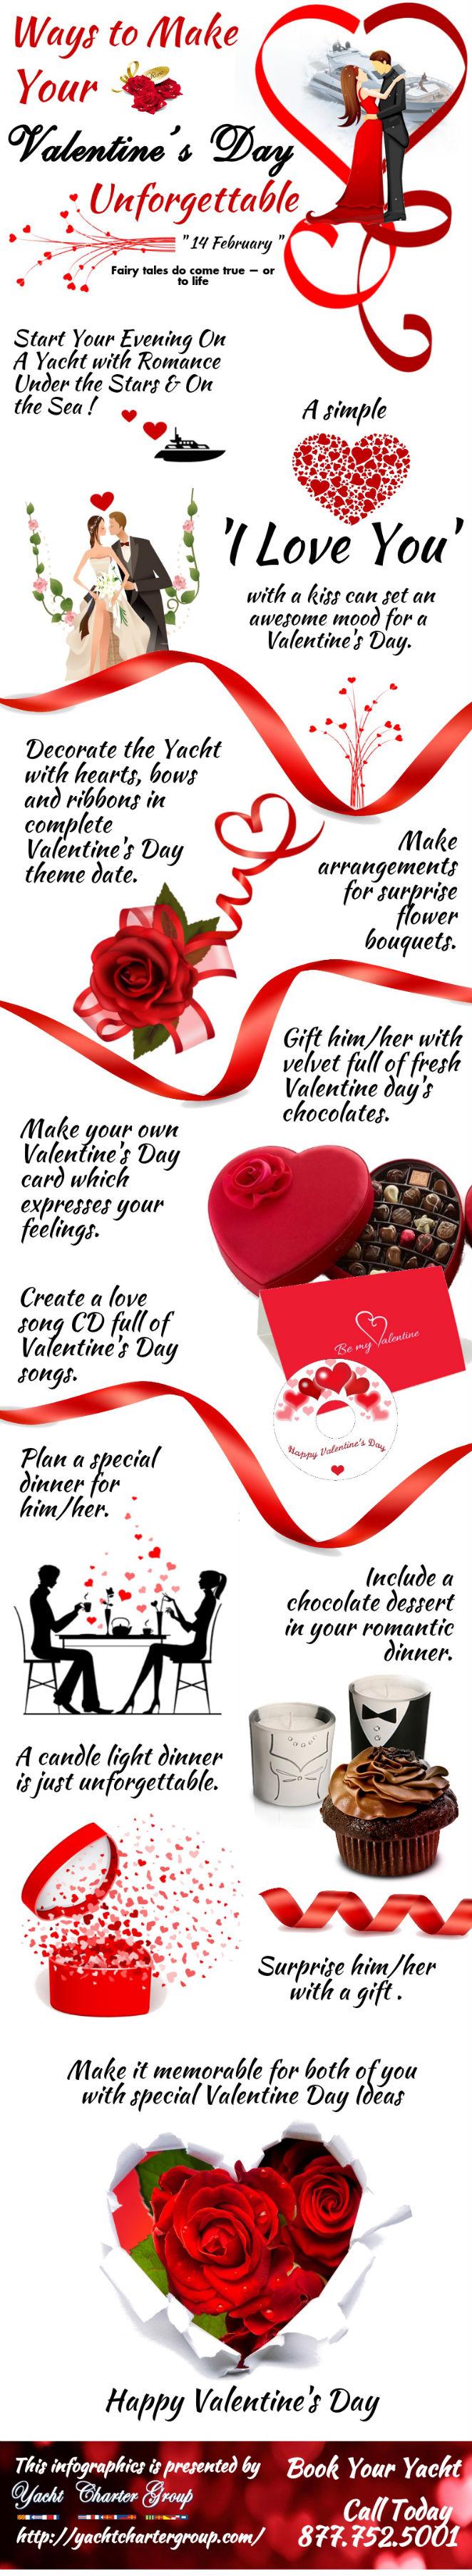 Ways to Make Your Valentine's Day Unforgettable